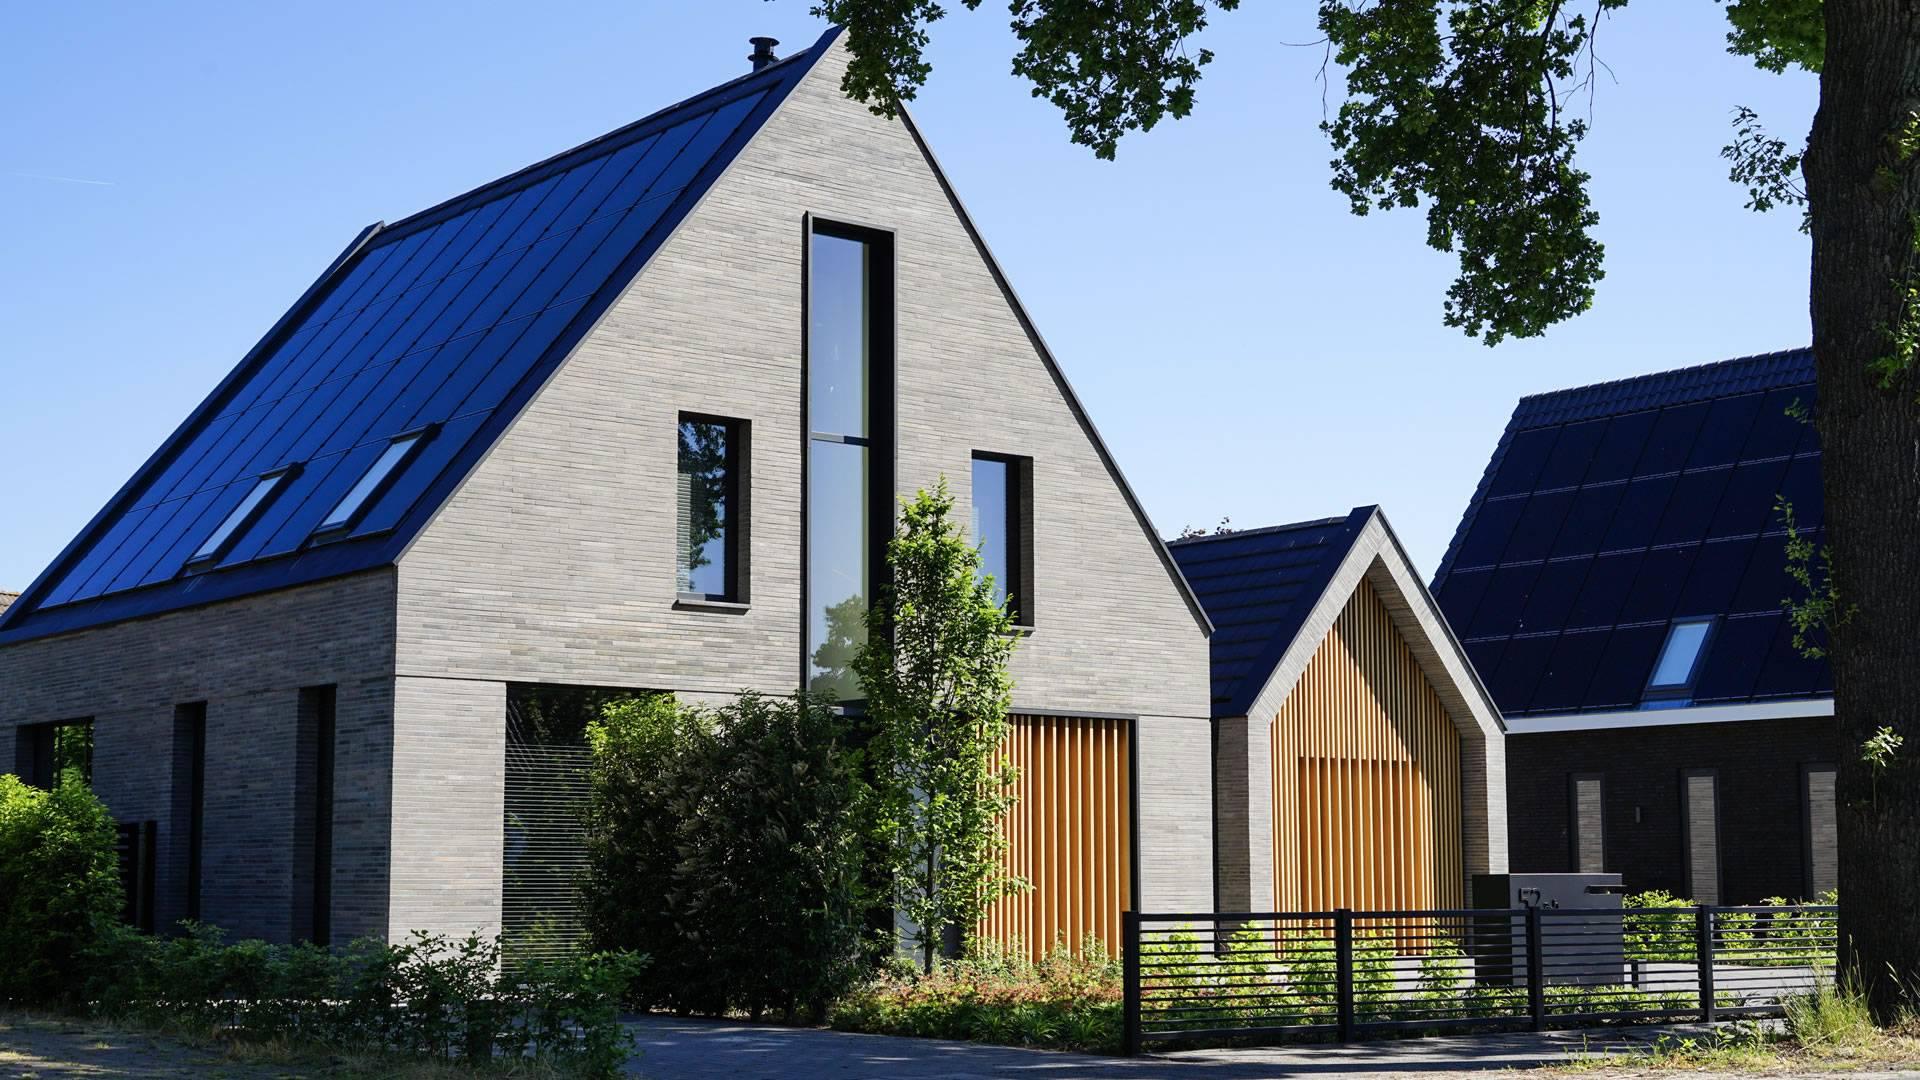 Verouden Bouwbedrijf - Vrijstaande nieuwbouw woning met mantelzorgwoning - 46 - DSC05740